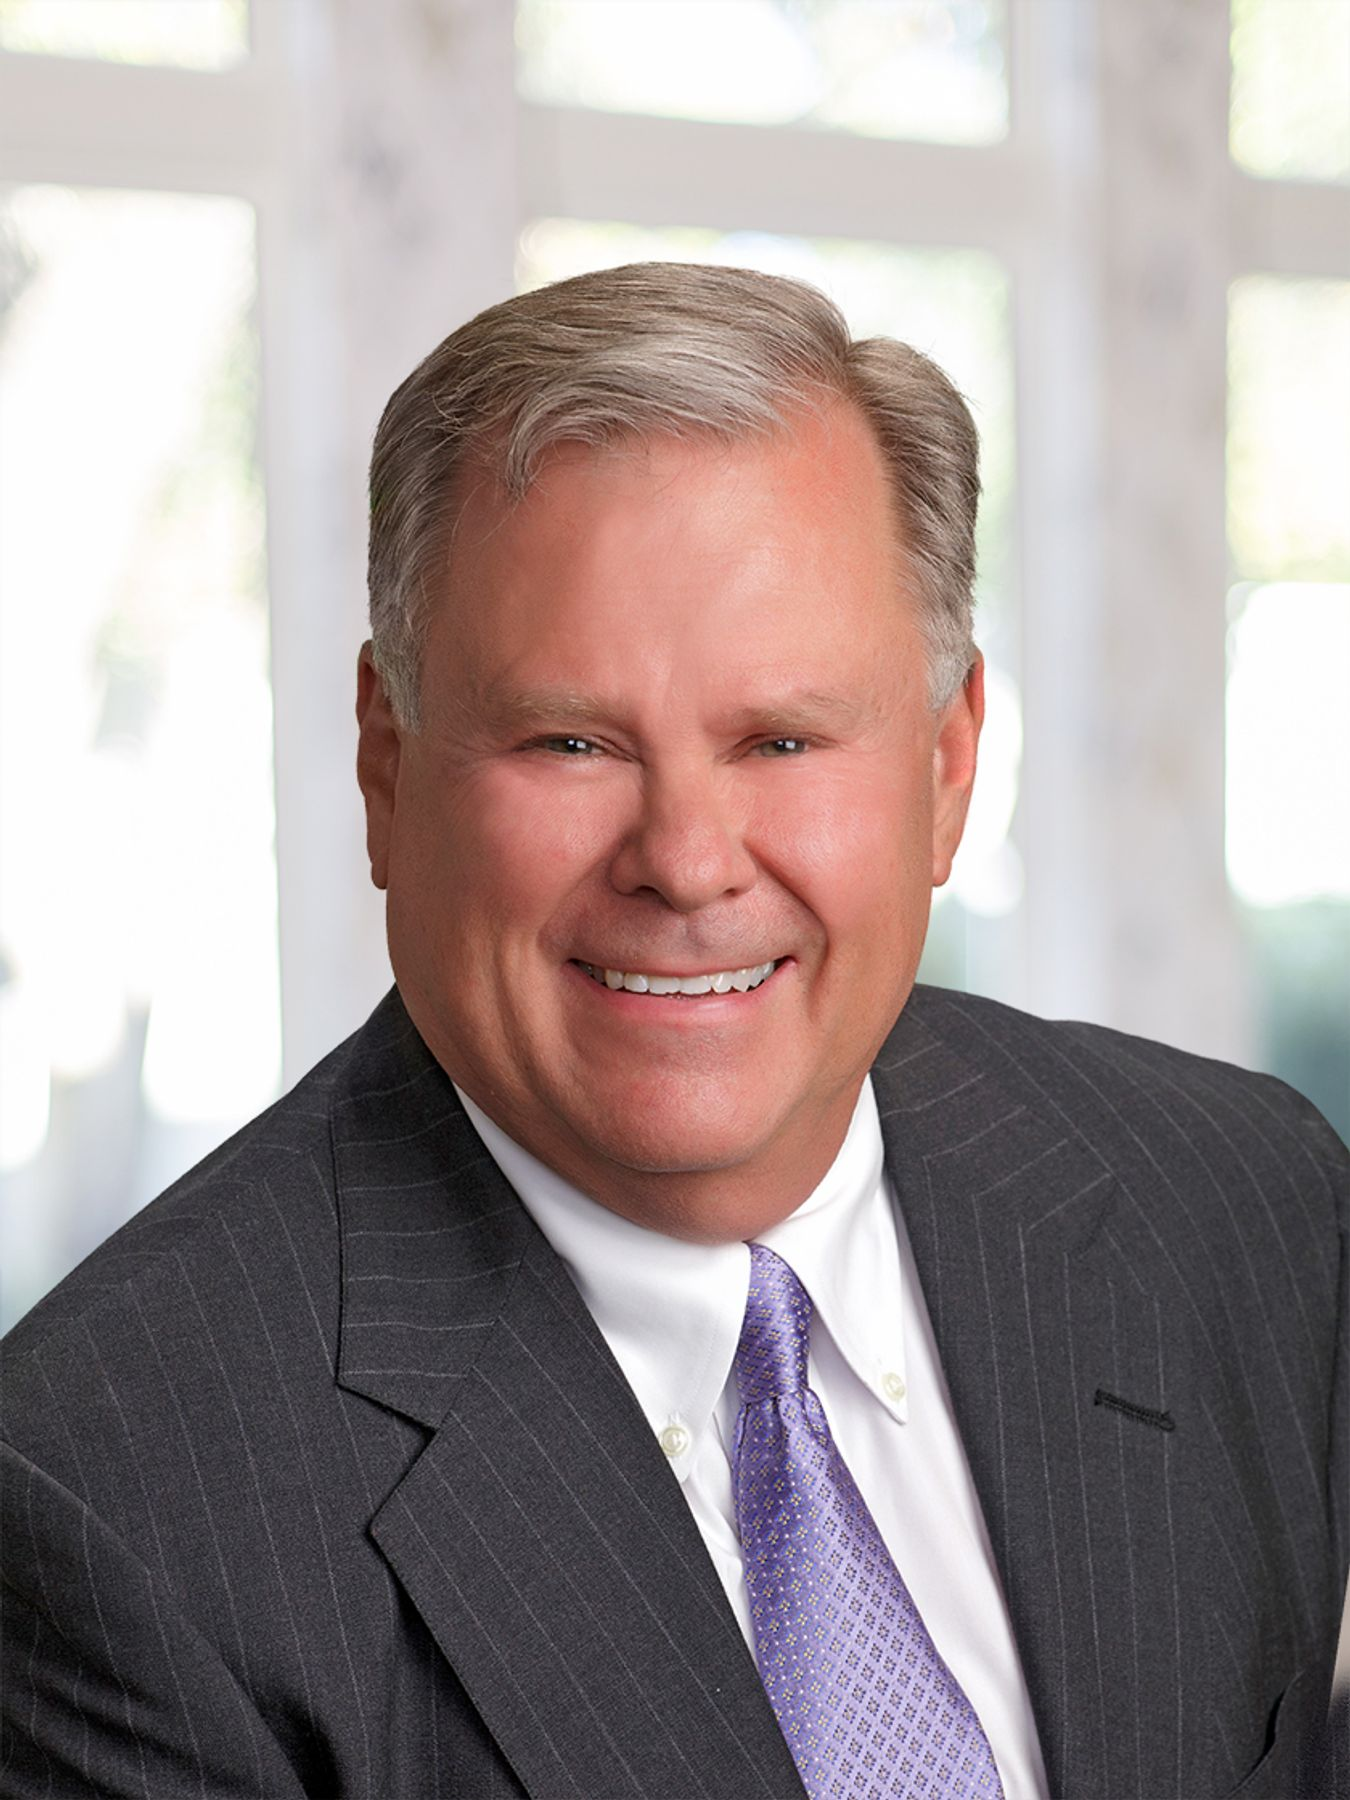 James R Rosenfeld